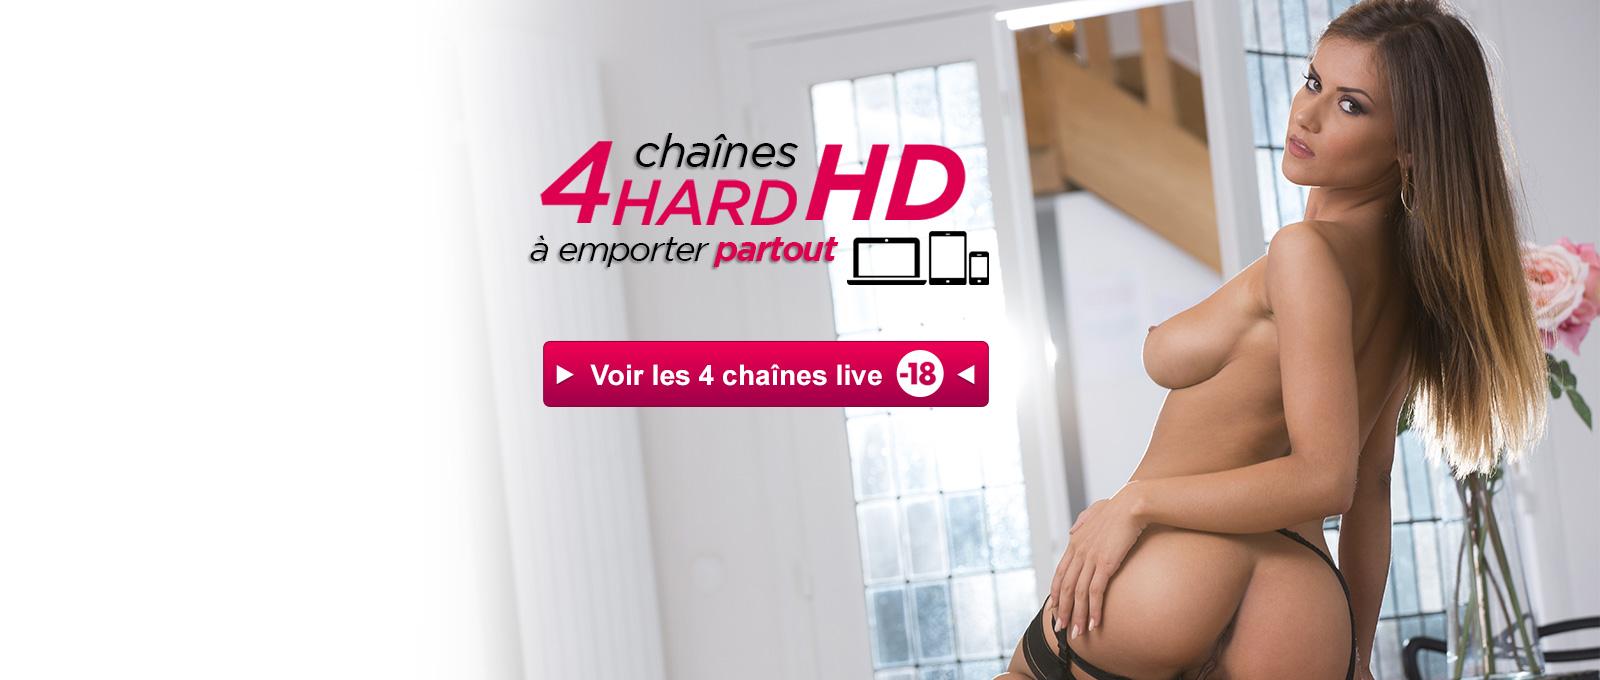 Porn TV en ligne gratuitement